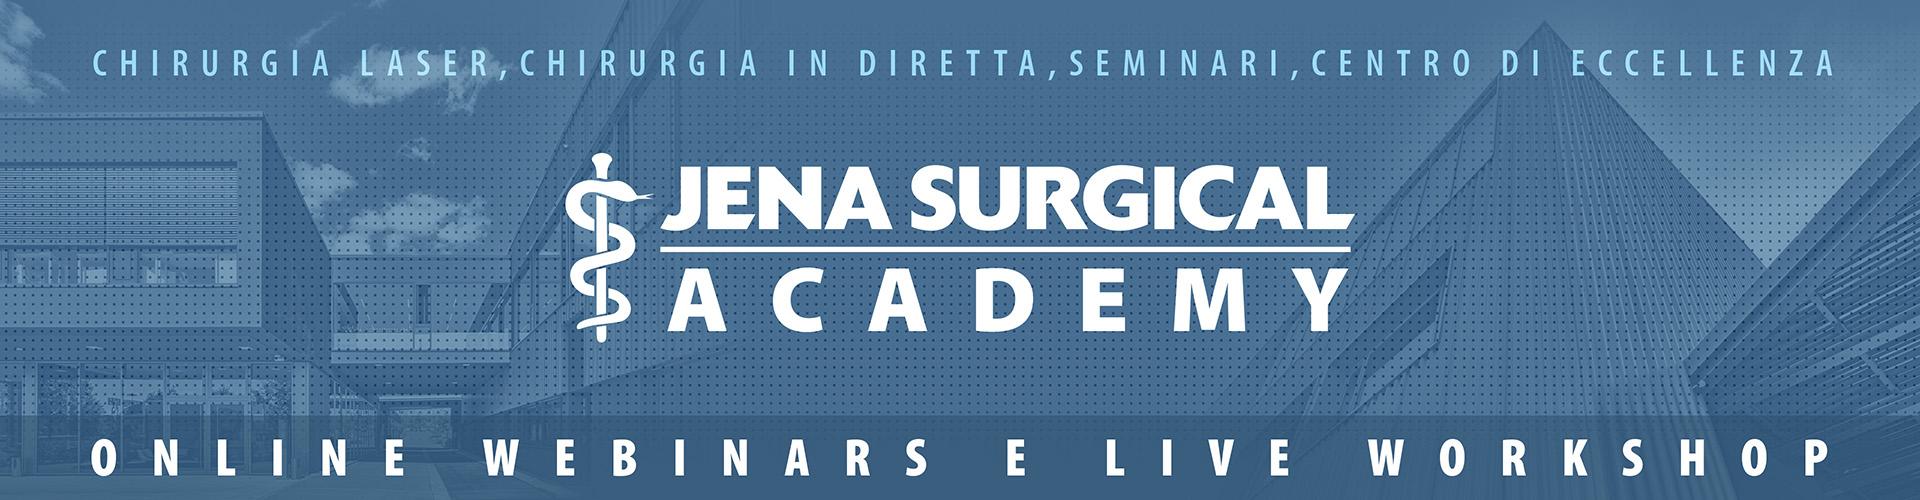 jensurg_website_slider_academy_apr2020_entw1_ita